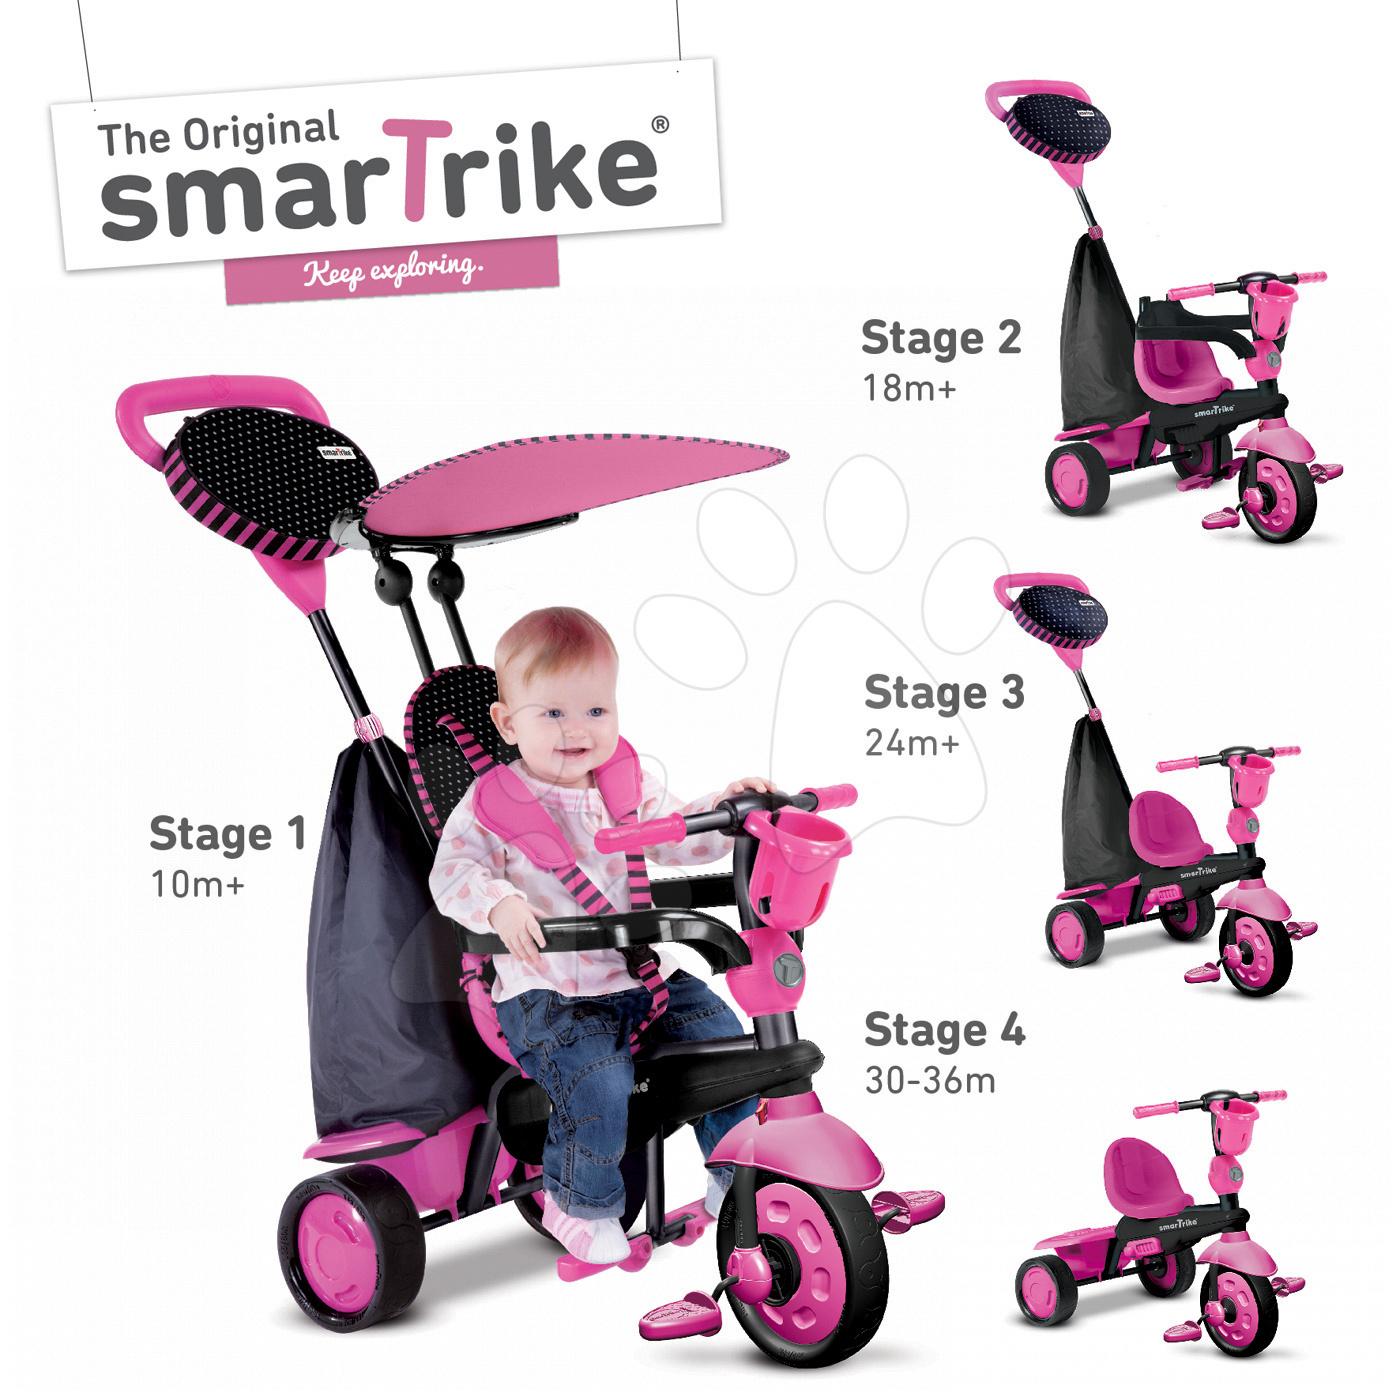 Tříkolka Spark Black&Pink Touch Steering 4v1 smarTrike růžovo-černá od 10 měsíců